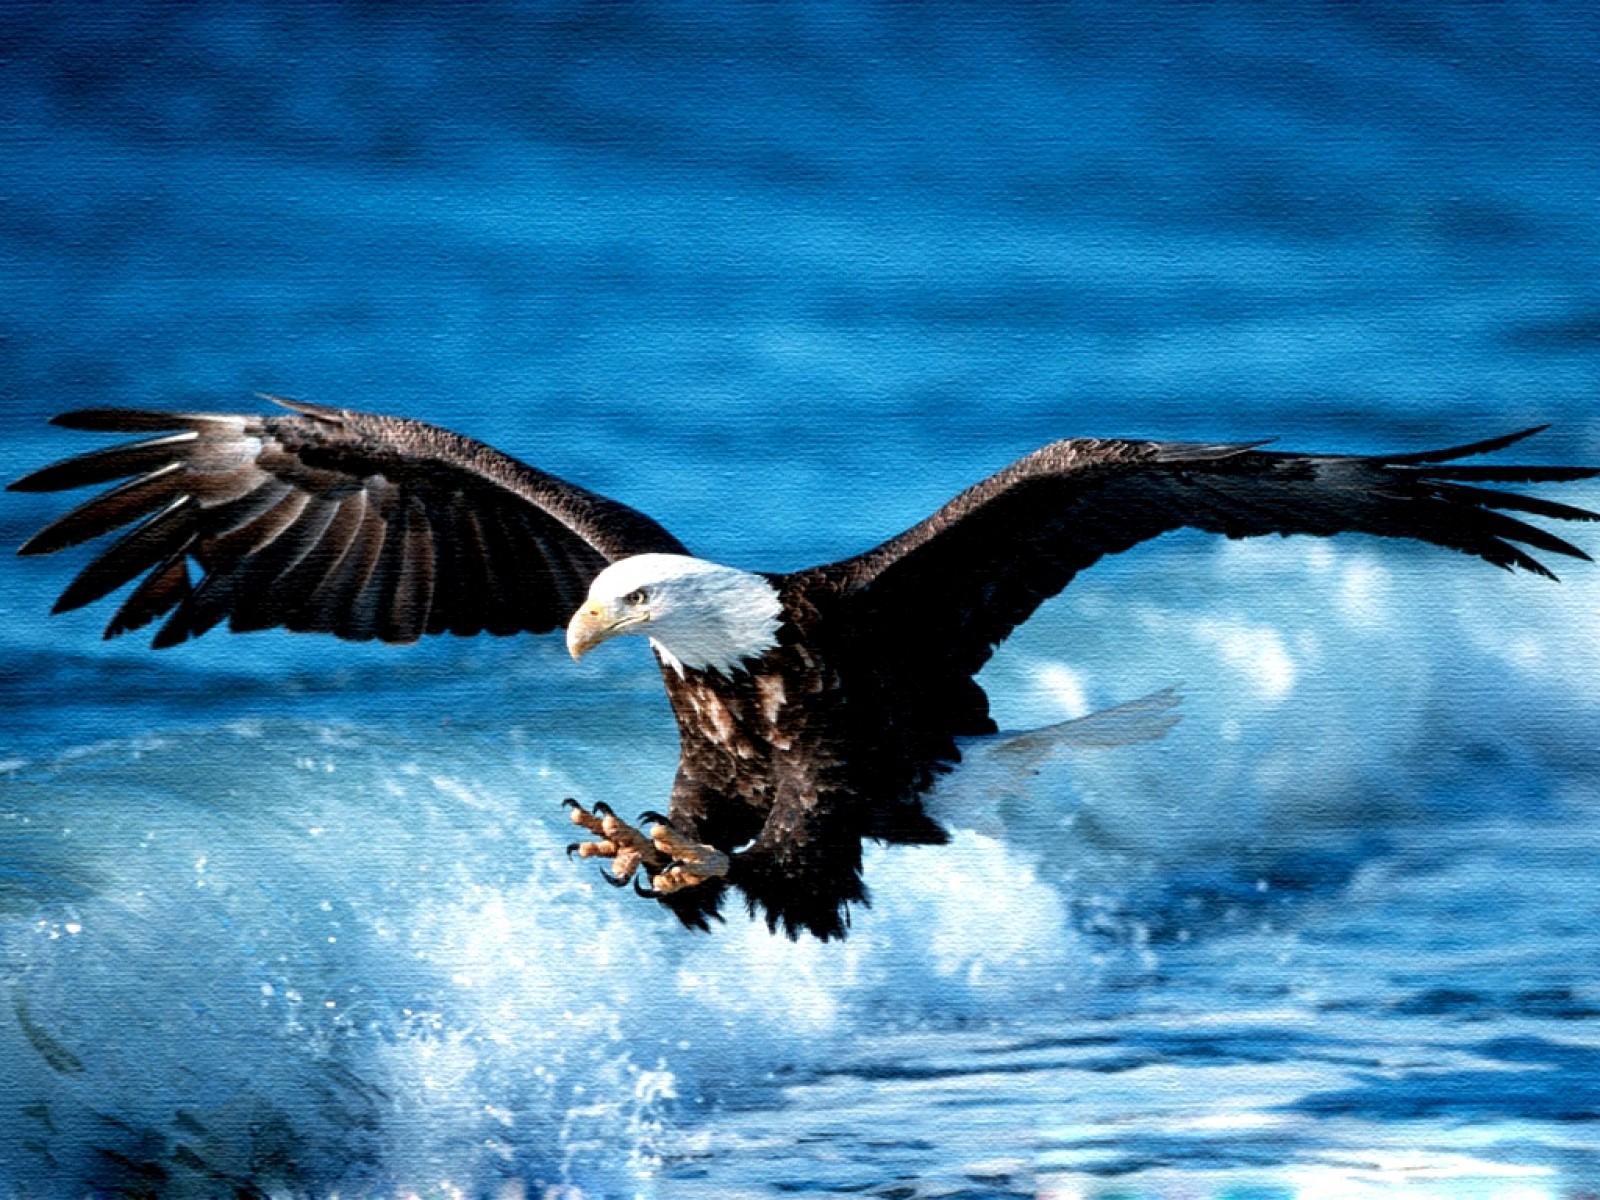 Eagle bird images - photo#26